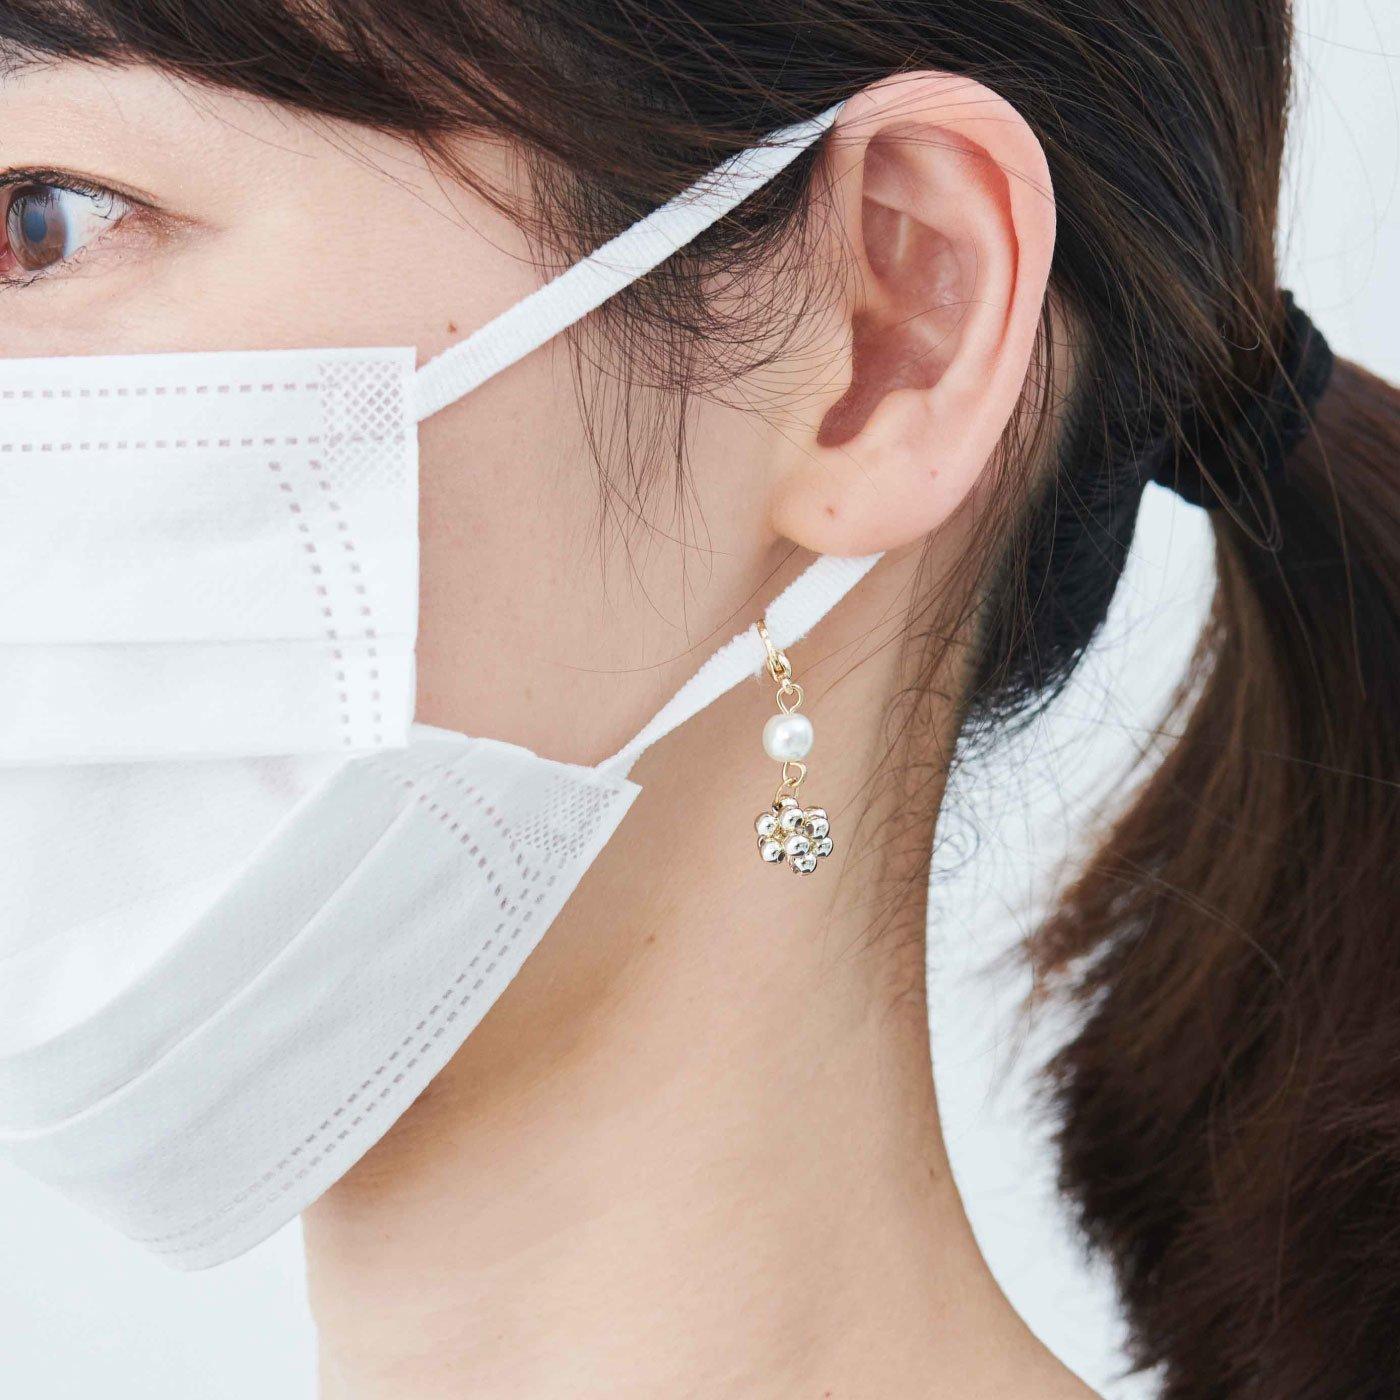 【WEB限定】IEDIT[イディット] マスクの耳掛けゴムに付けるとまるでイヤアクセ! 顔まわりに華やぎを添えてくれるきらめきチャーム2個セット